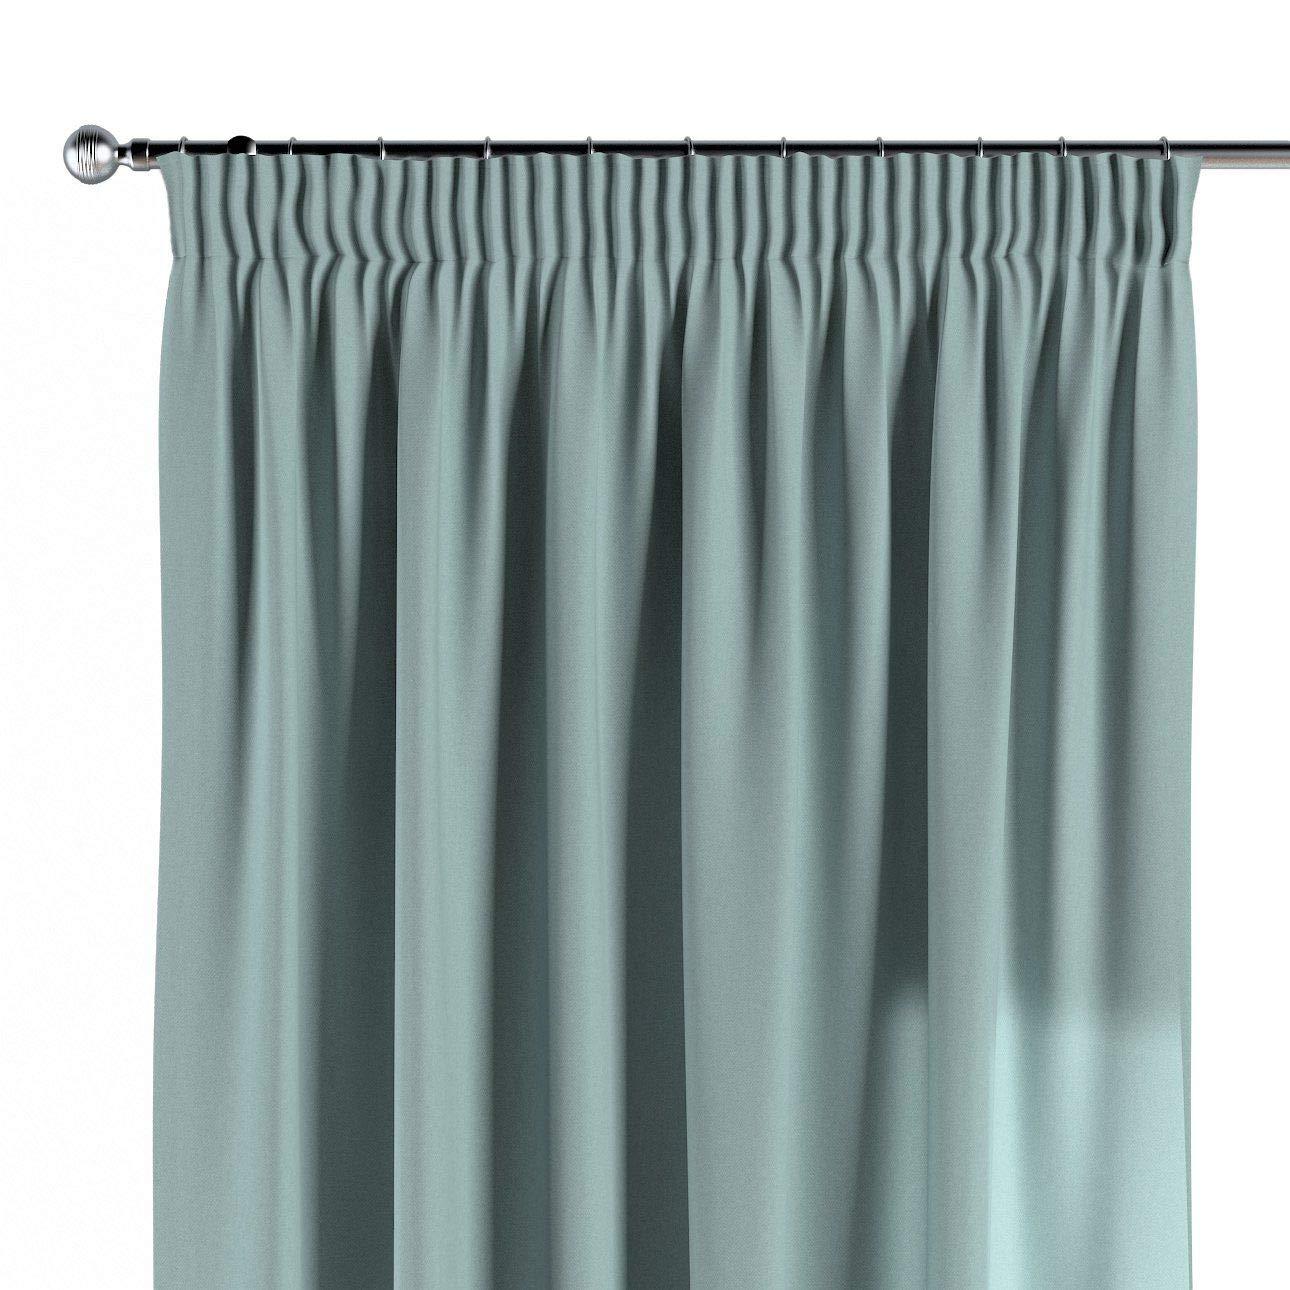 Dekoria Vorhang mit Kräuselband Dekoschal Blickdicht 1 Stck. 130 × 260 cm mintgrün Maßanfertigung möglich